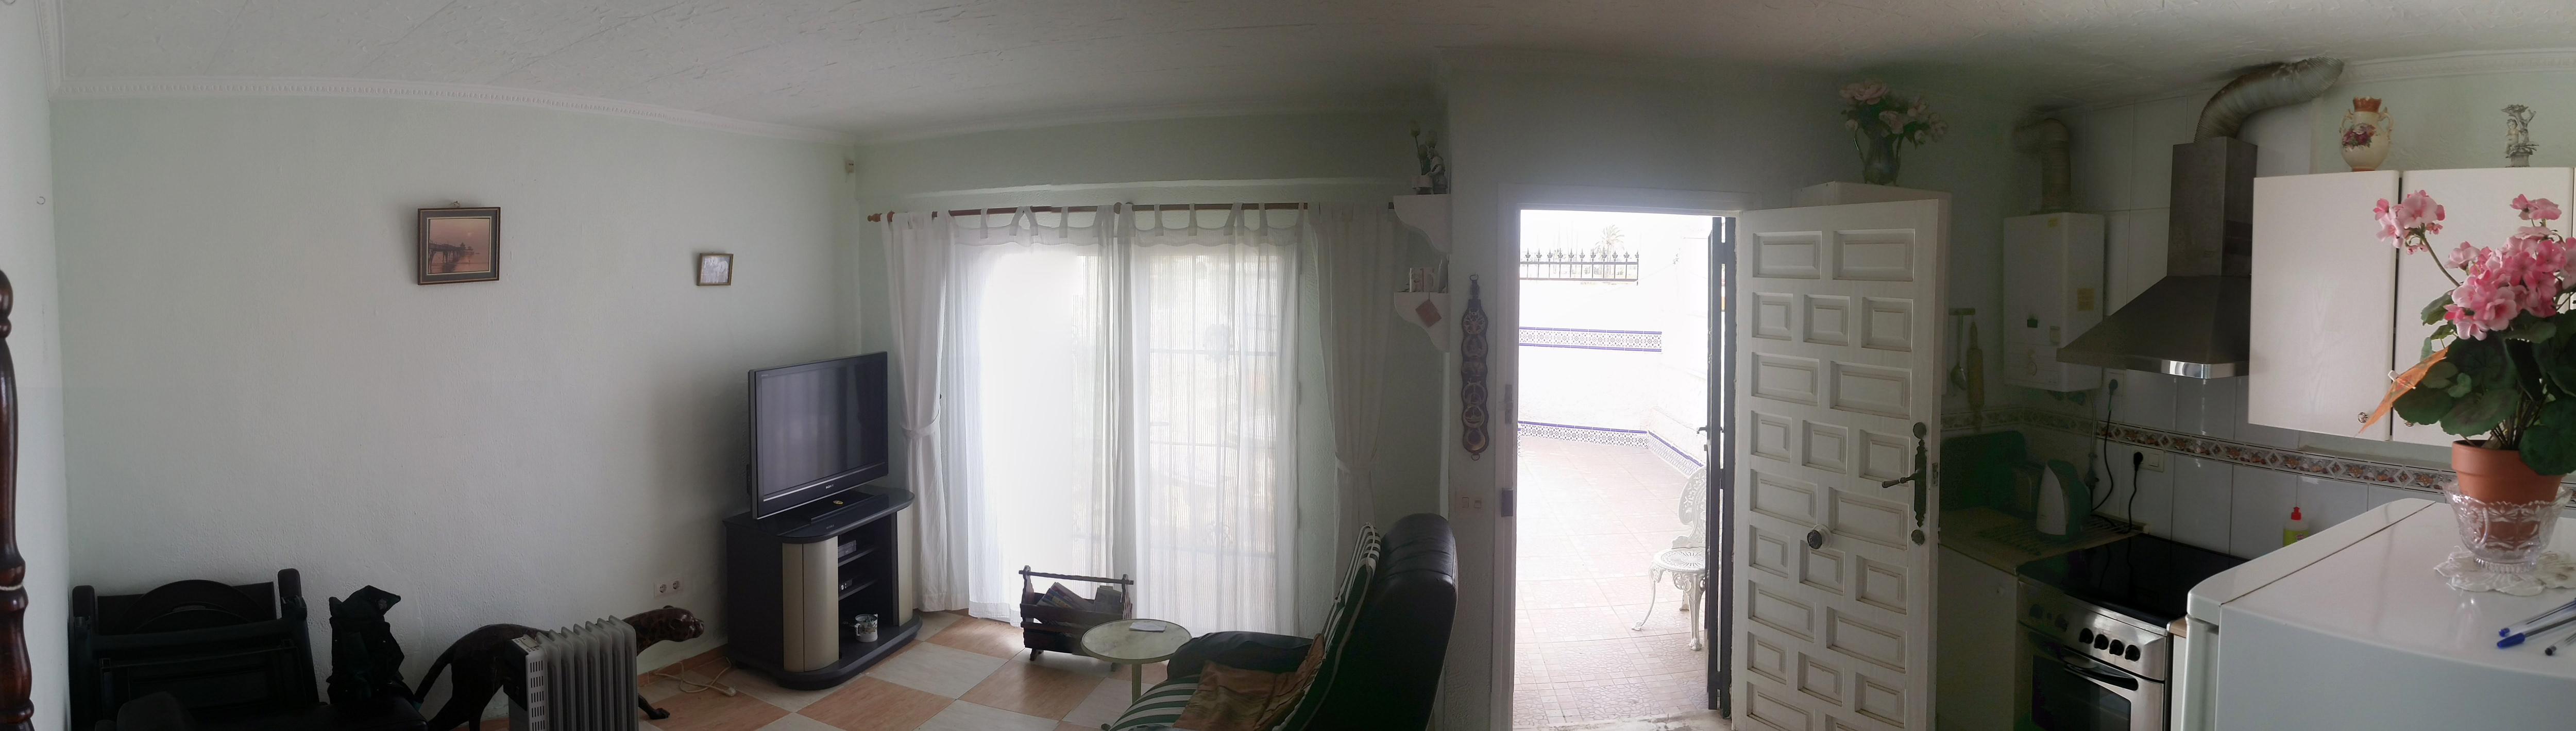 Wohnzimmer und Kueche1